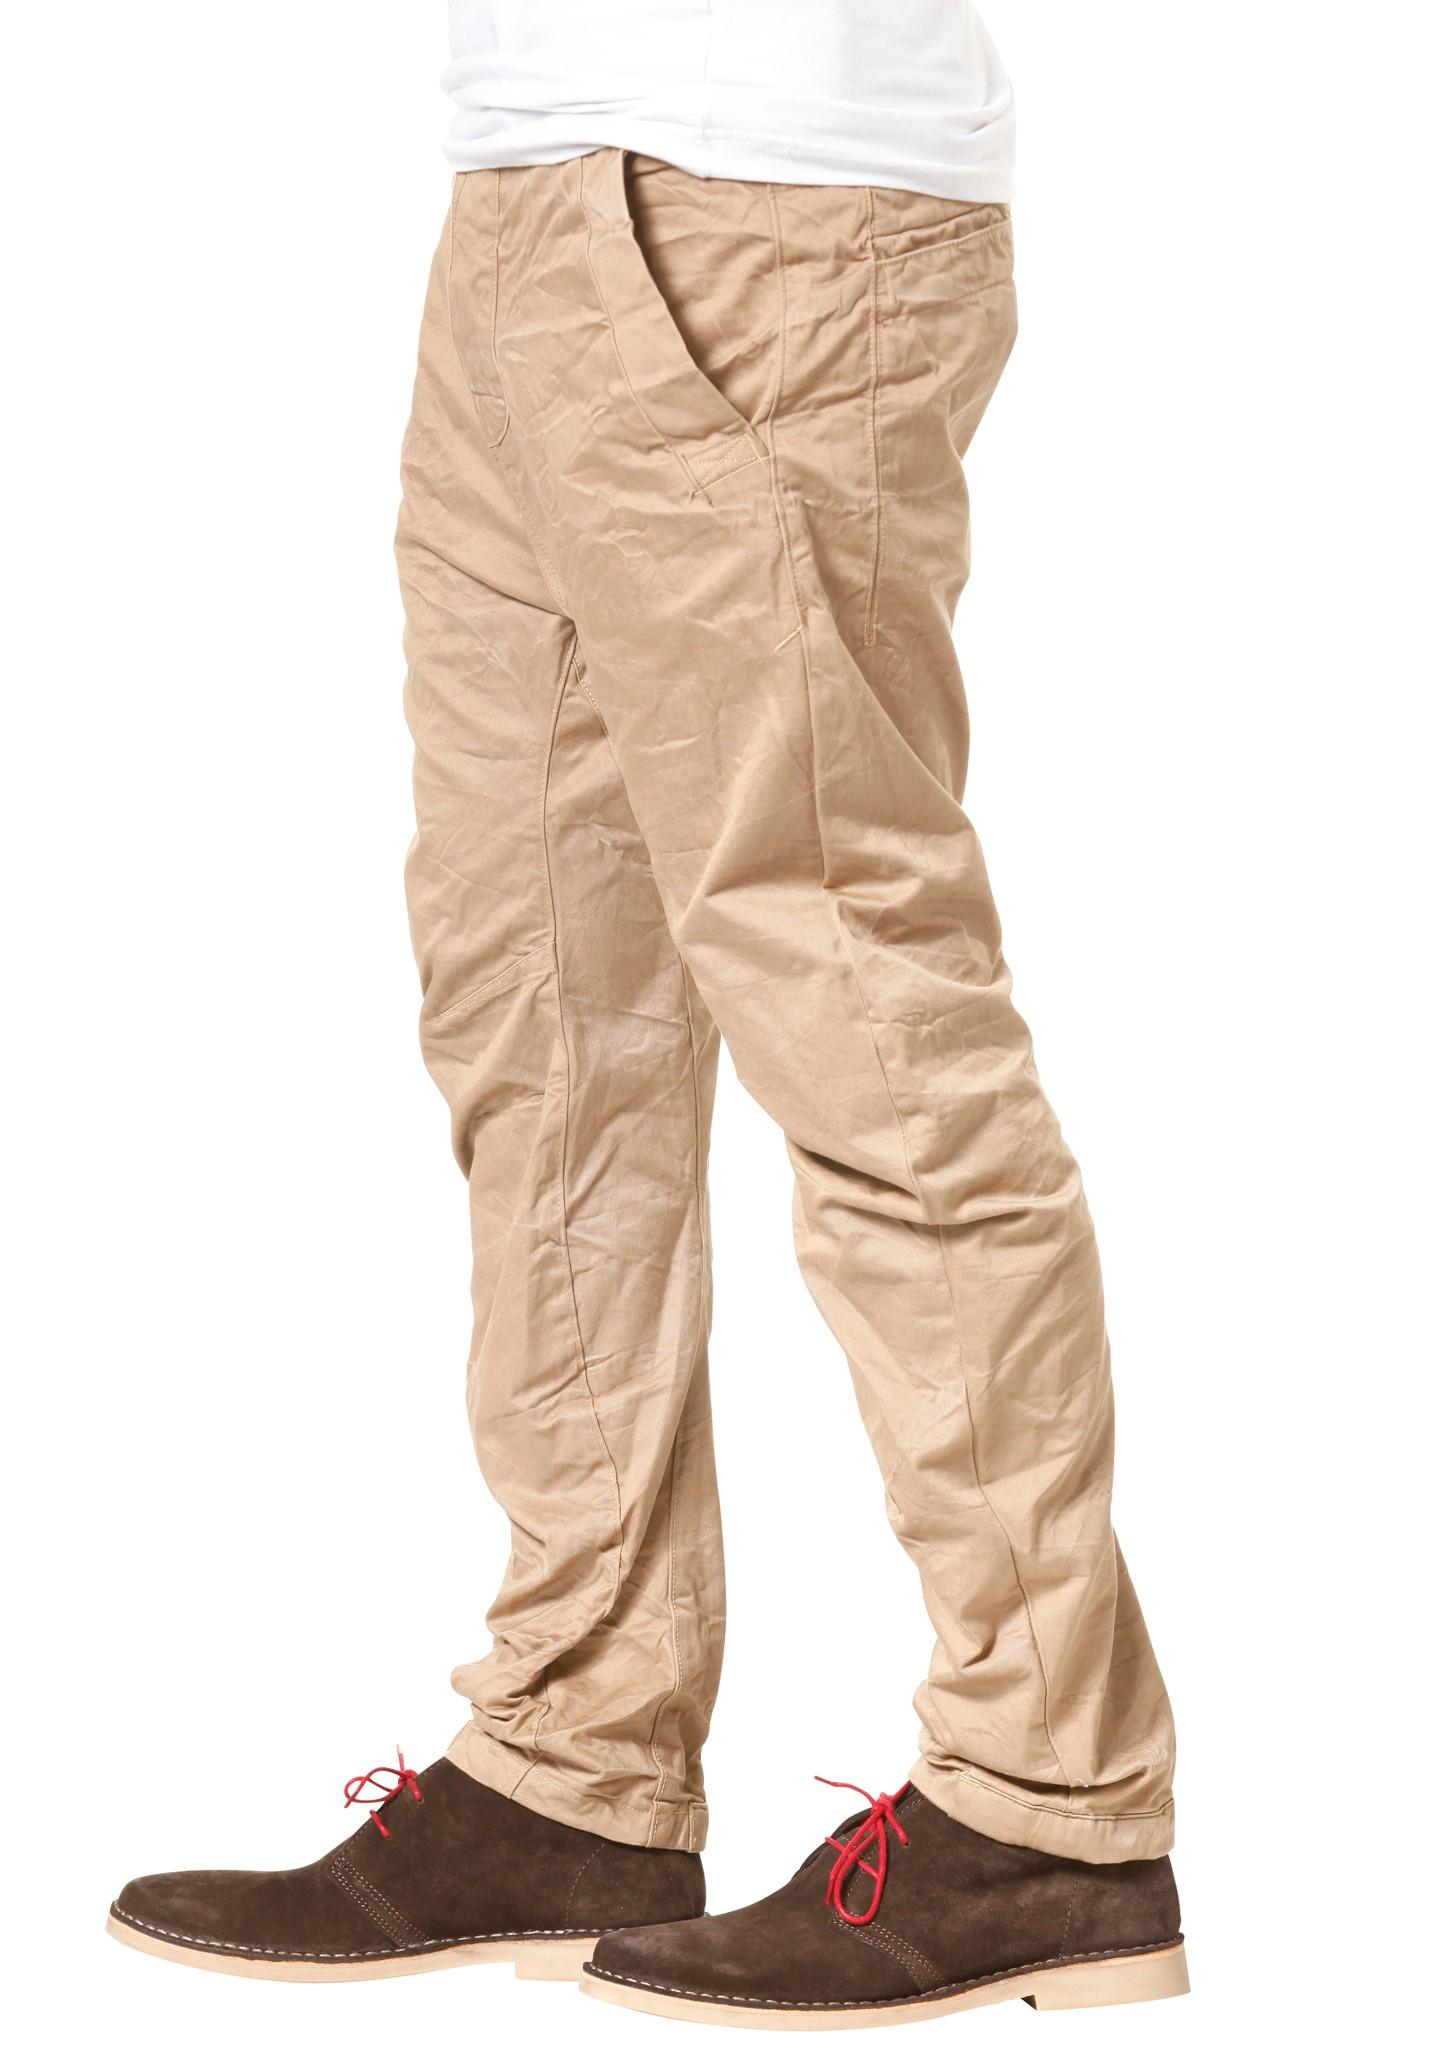 neu g star bronson 3d loose tapered coj herren jeans hose. Black Bedroom Furniture Sets. Home Design Ideas